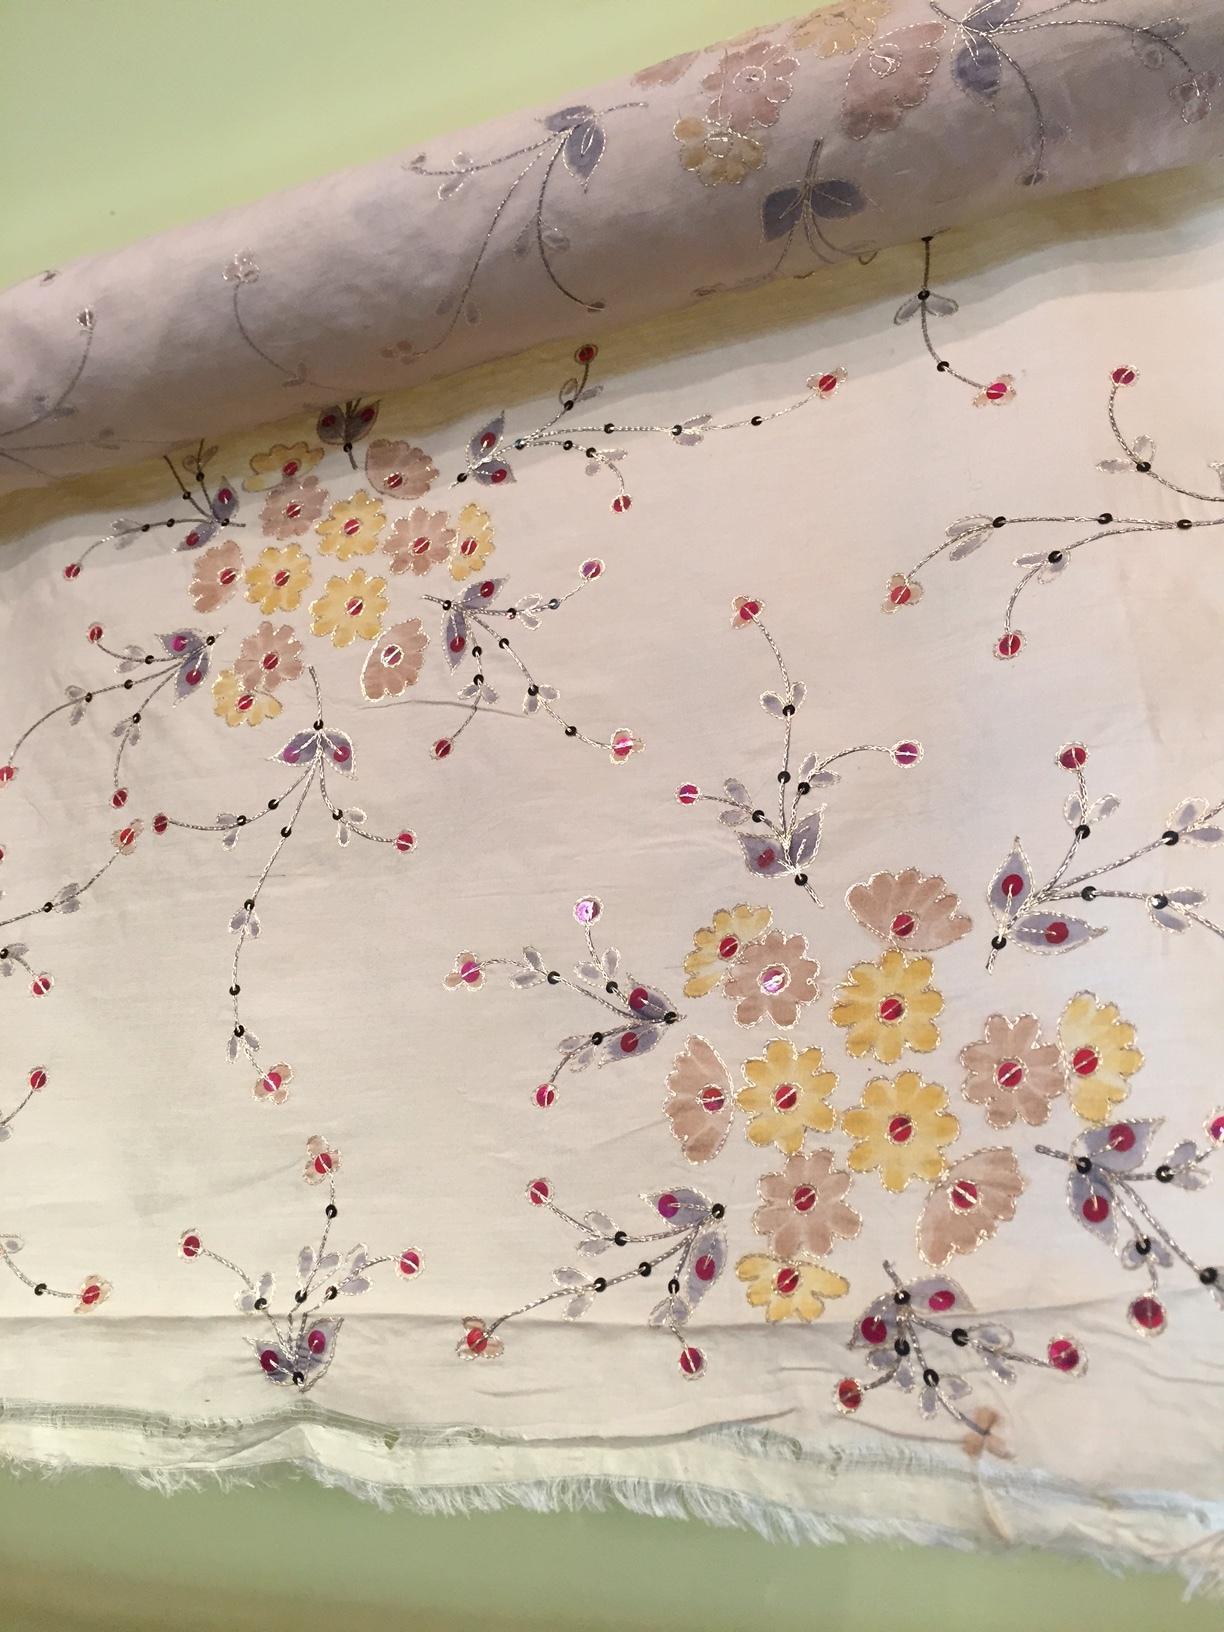 Painted and sequin-ed silk. Oooh, la, la.